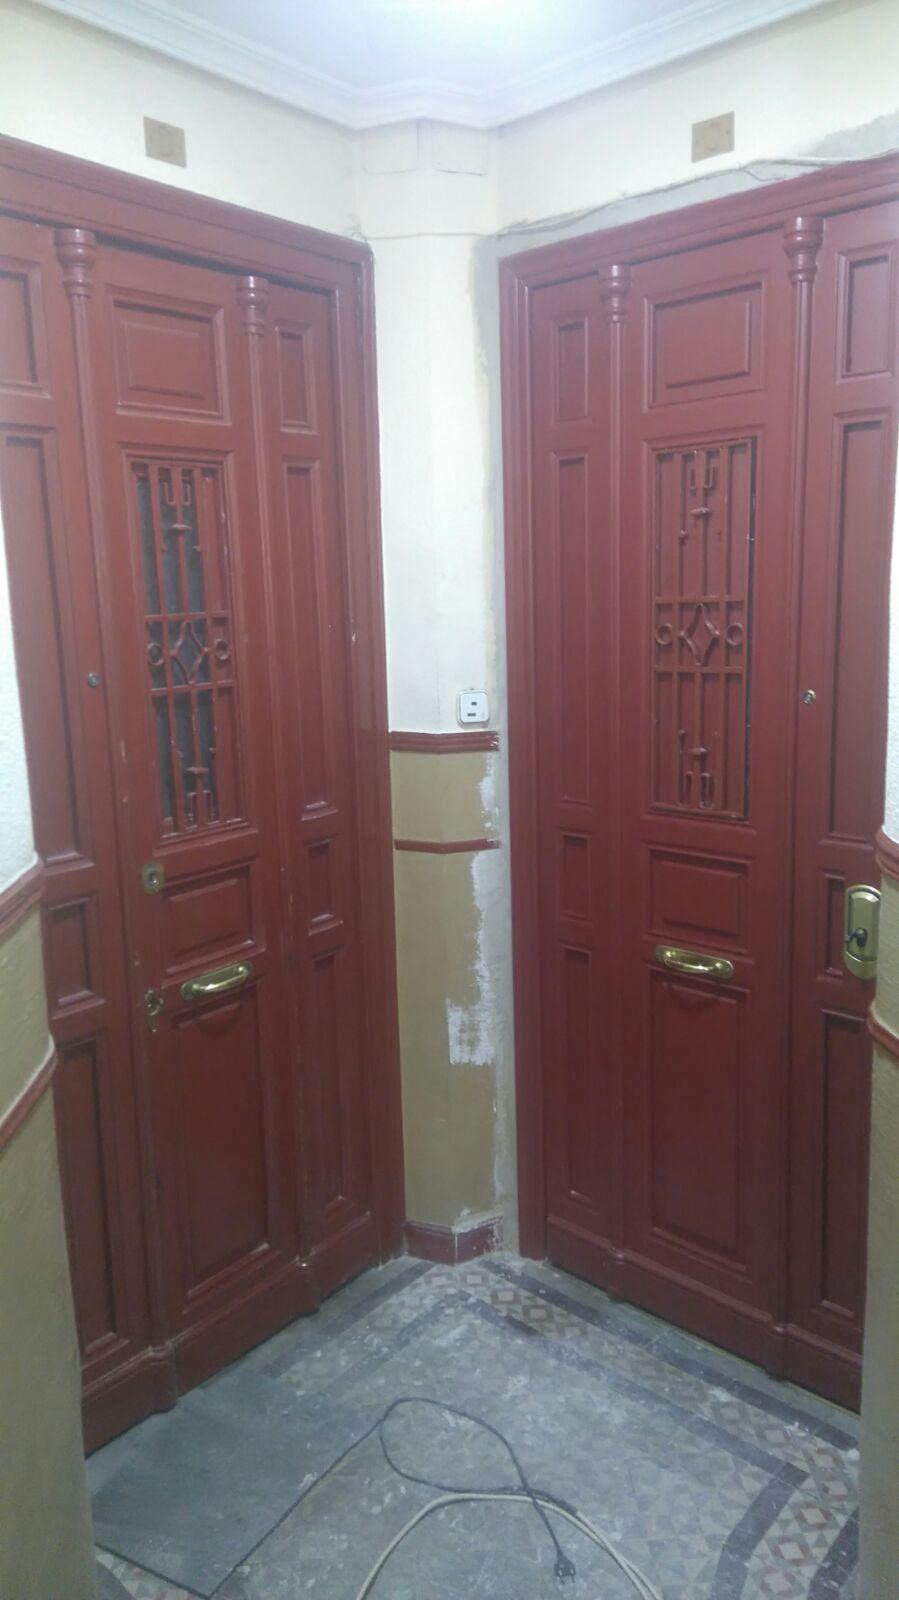 puertas blindadas acorazadas puertas blindadas baratas